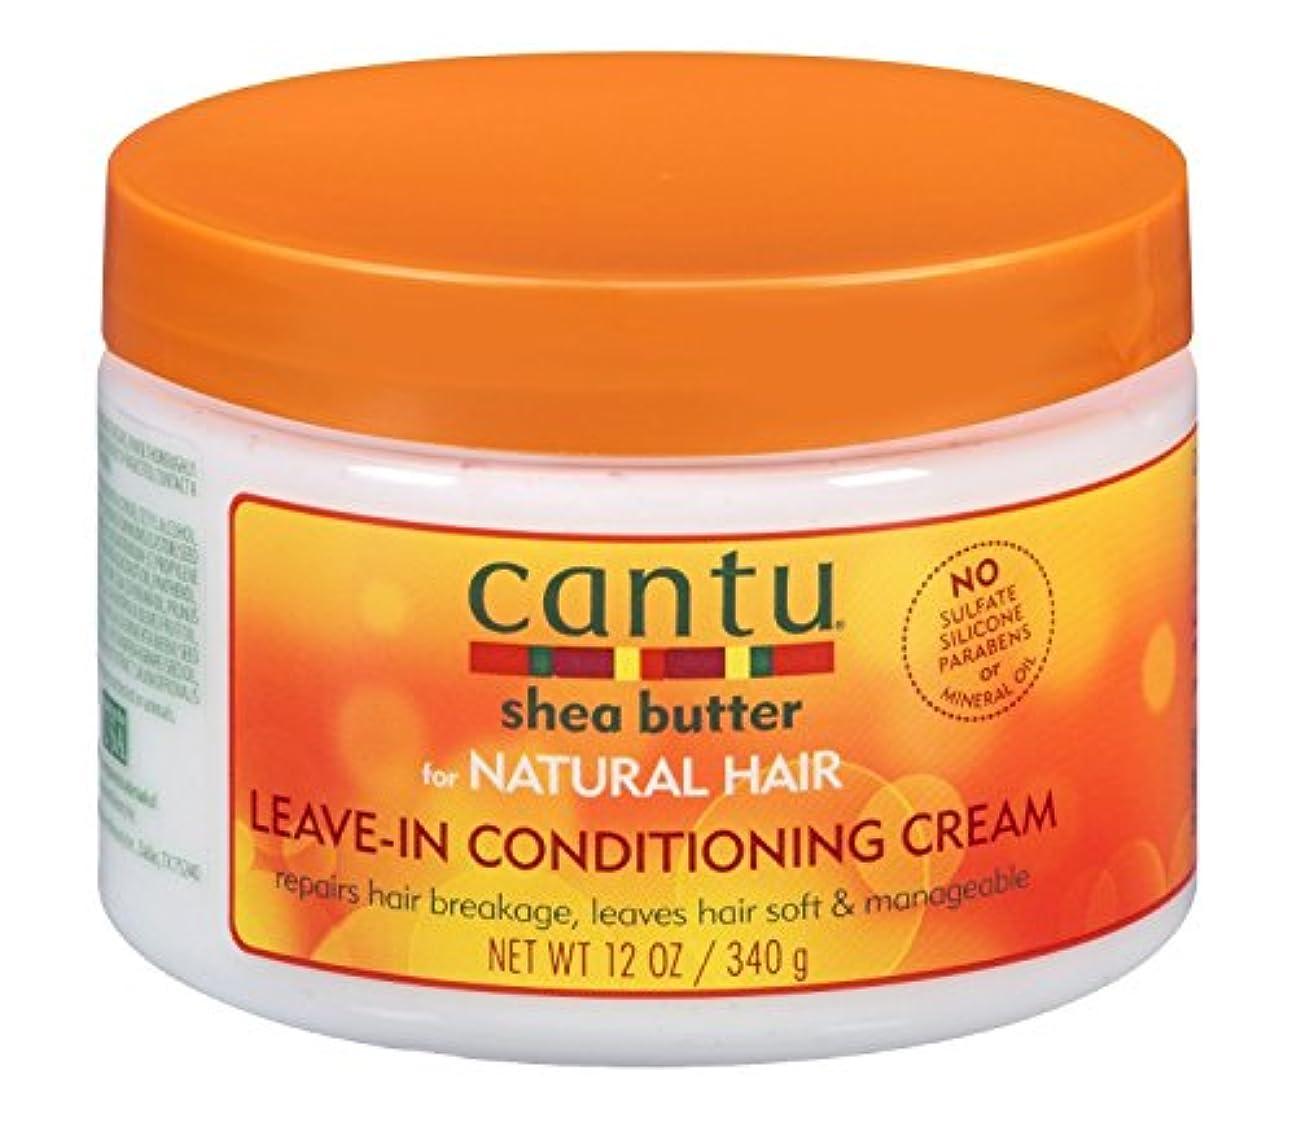 動かすモス最小Cantu コンディショニングリペアクリームでナチュラルヘアを残すためにシアバター、12オンス